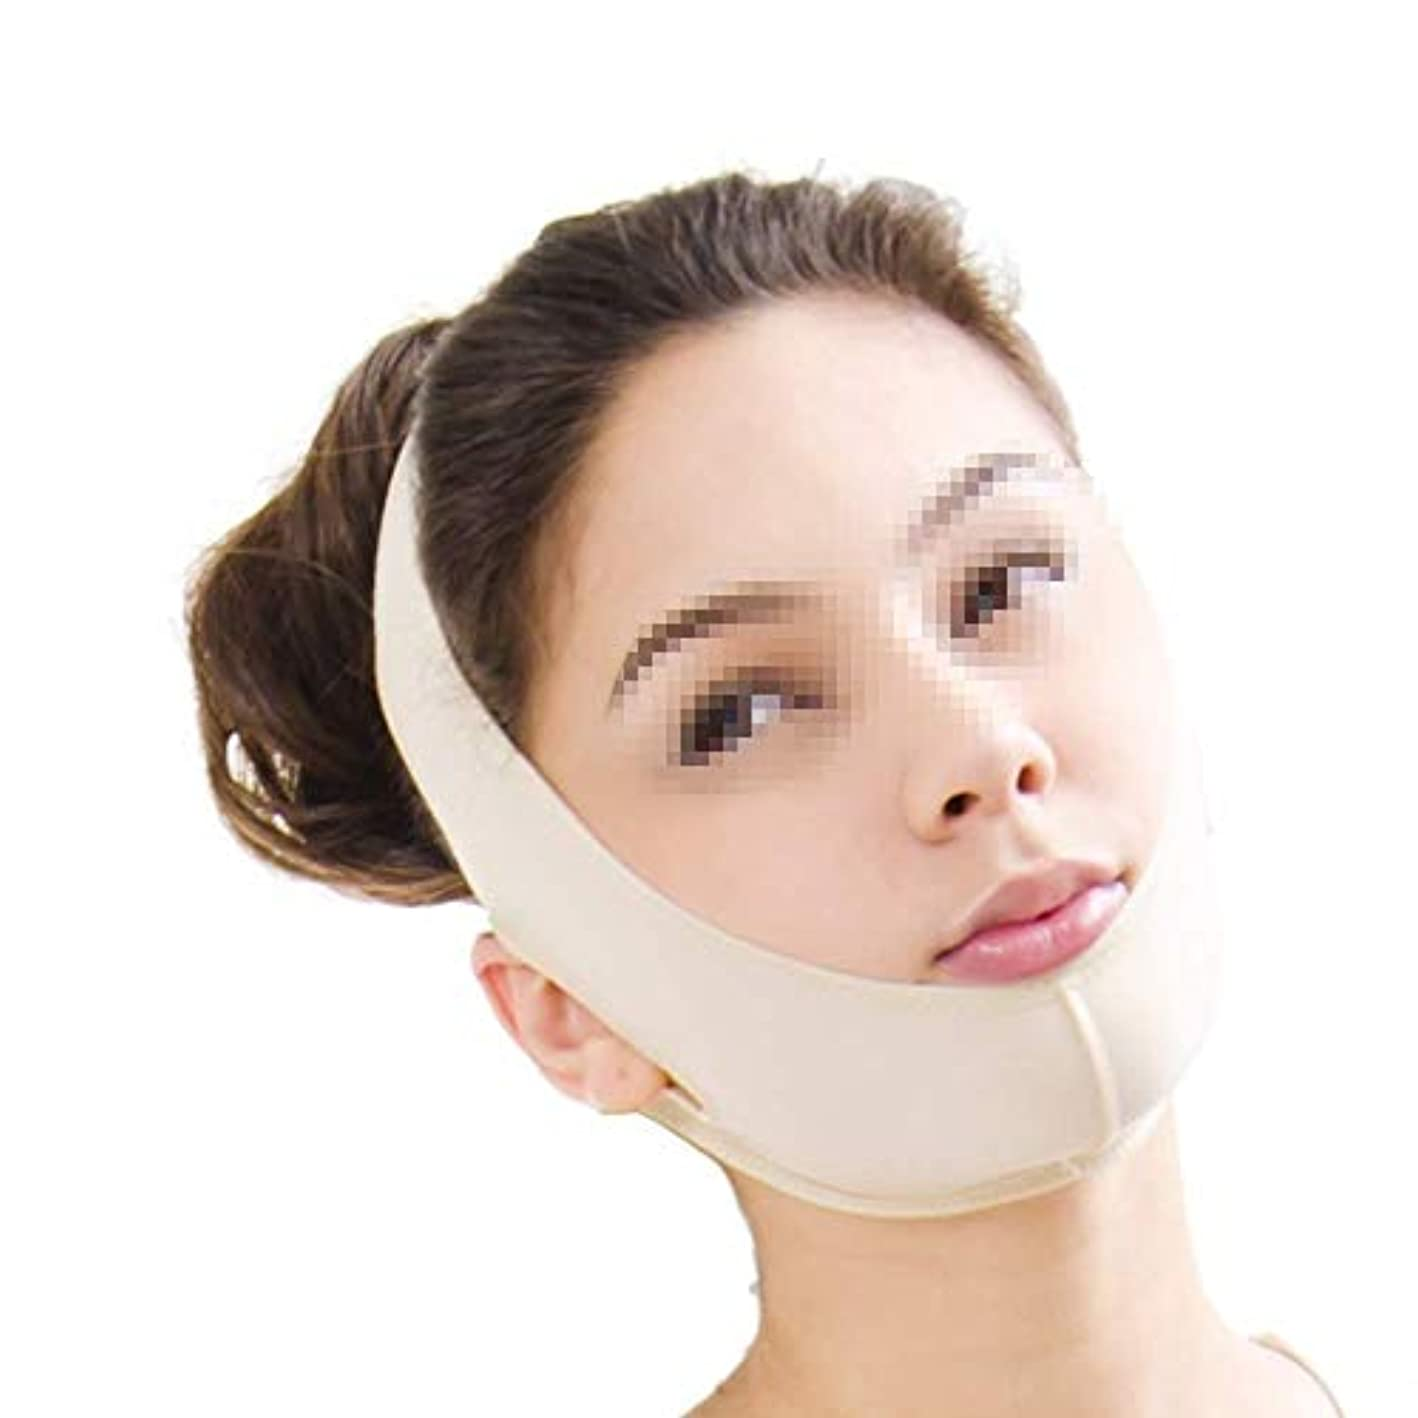 人類アルバニー沼地フェイスリフトマスク、顎顔面ダブルチン化粧品脂肪吸引後圧縮小顔包帯弾性ヘッドギア(サイズ:L)